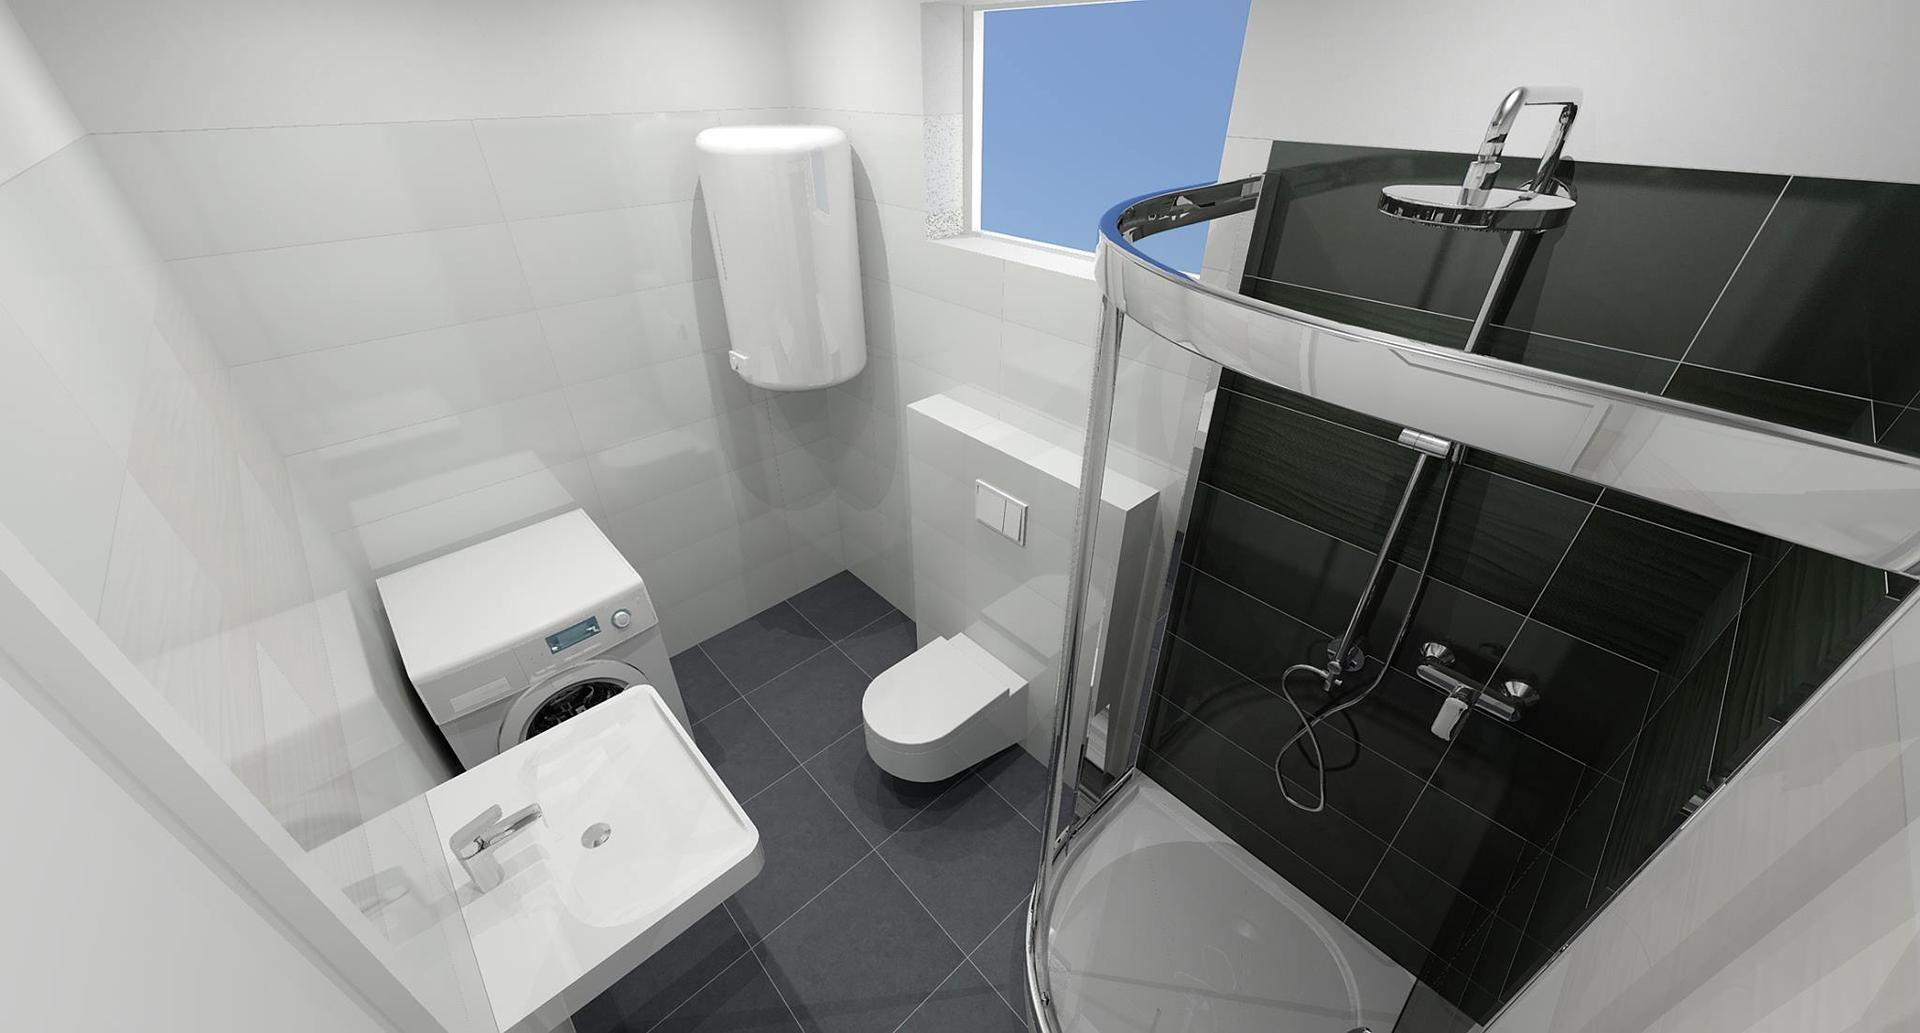 Návrhy koupelny a kuchyně - Obrázek č. 8